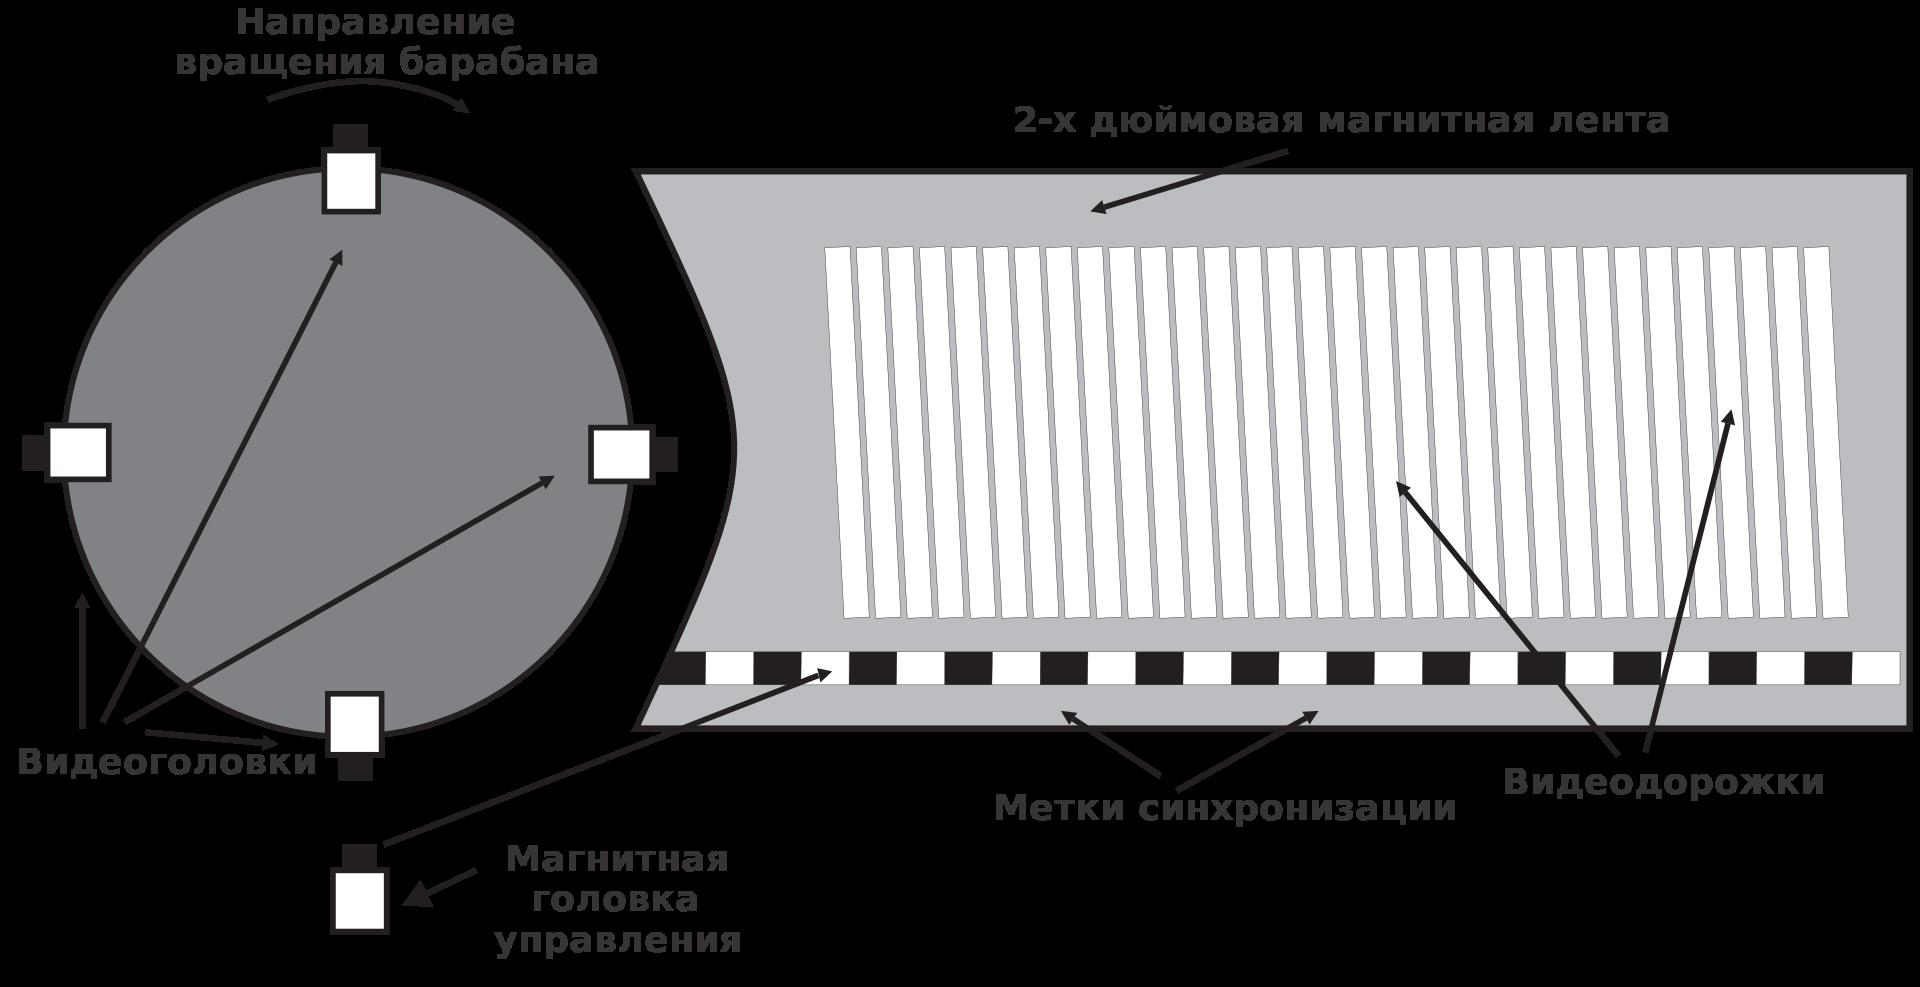 Видеозапись и магнитная лента - 5